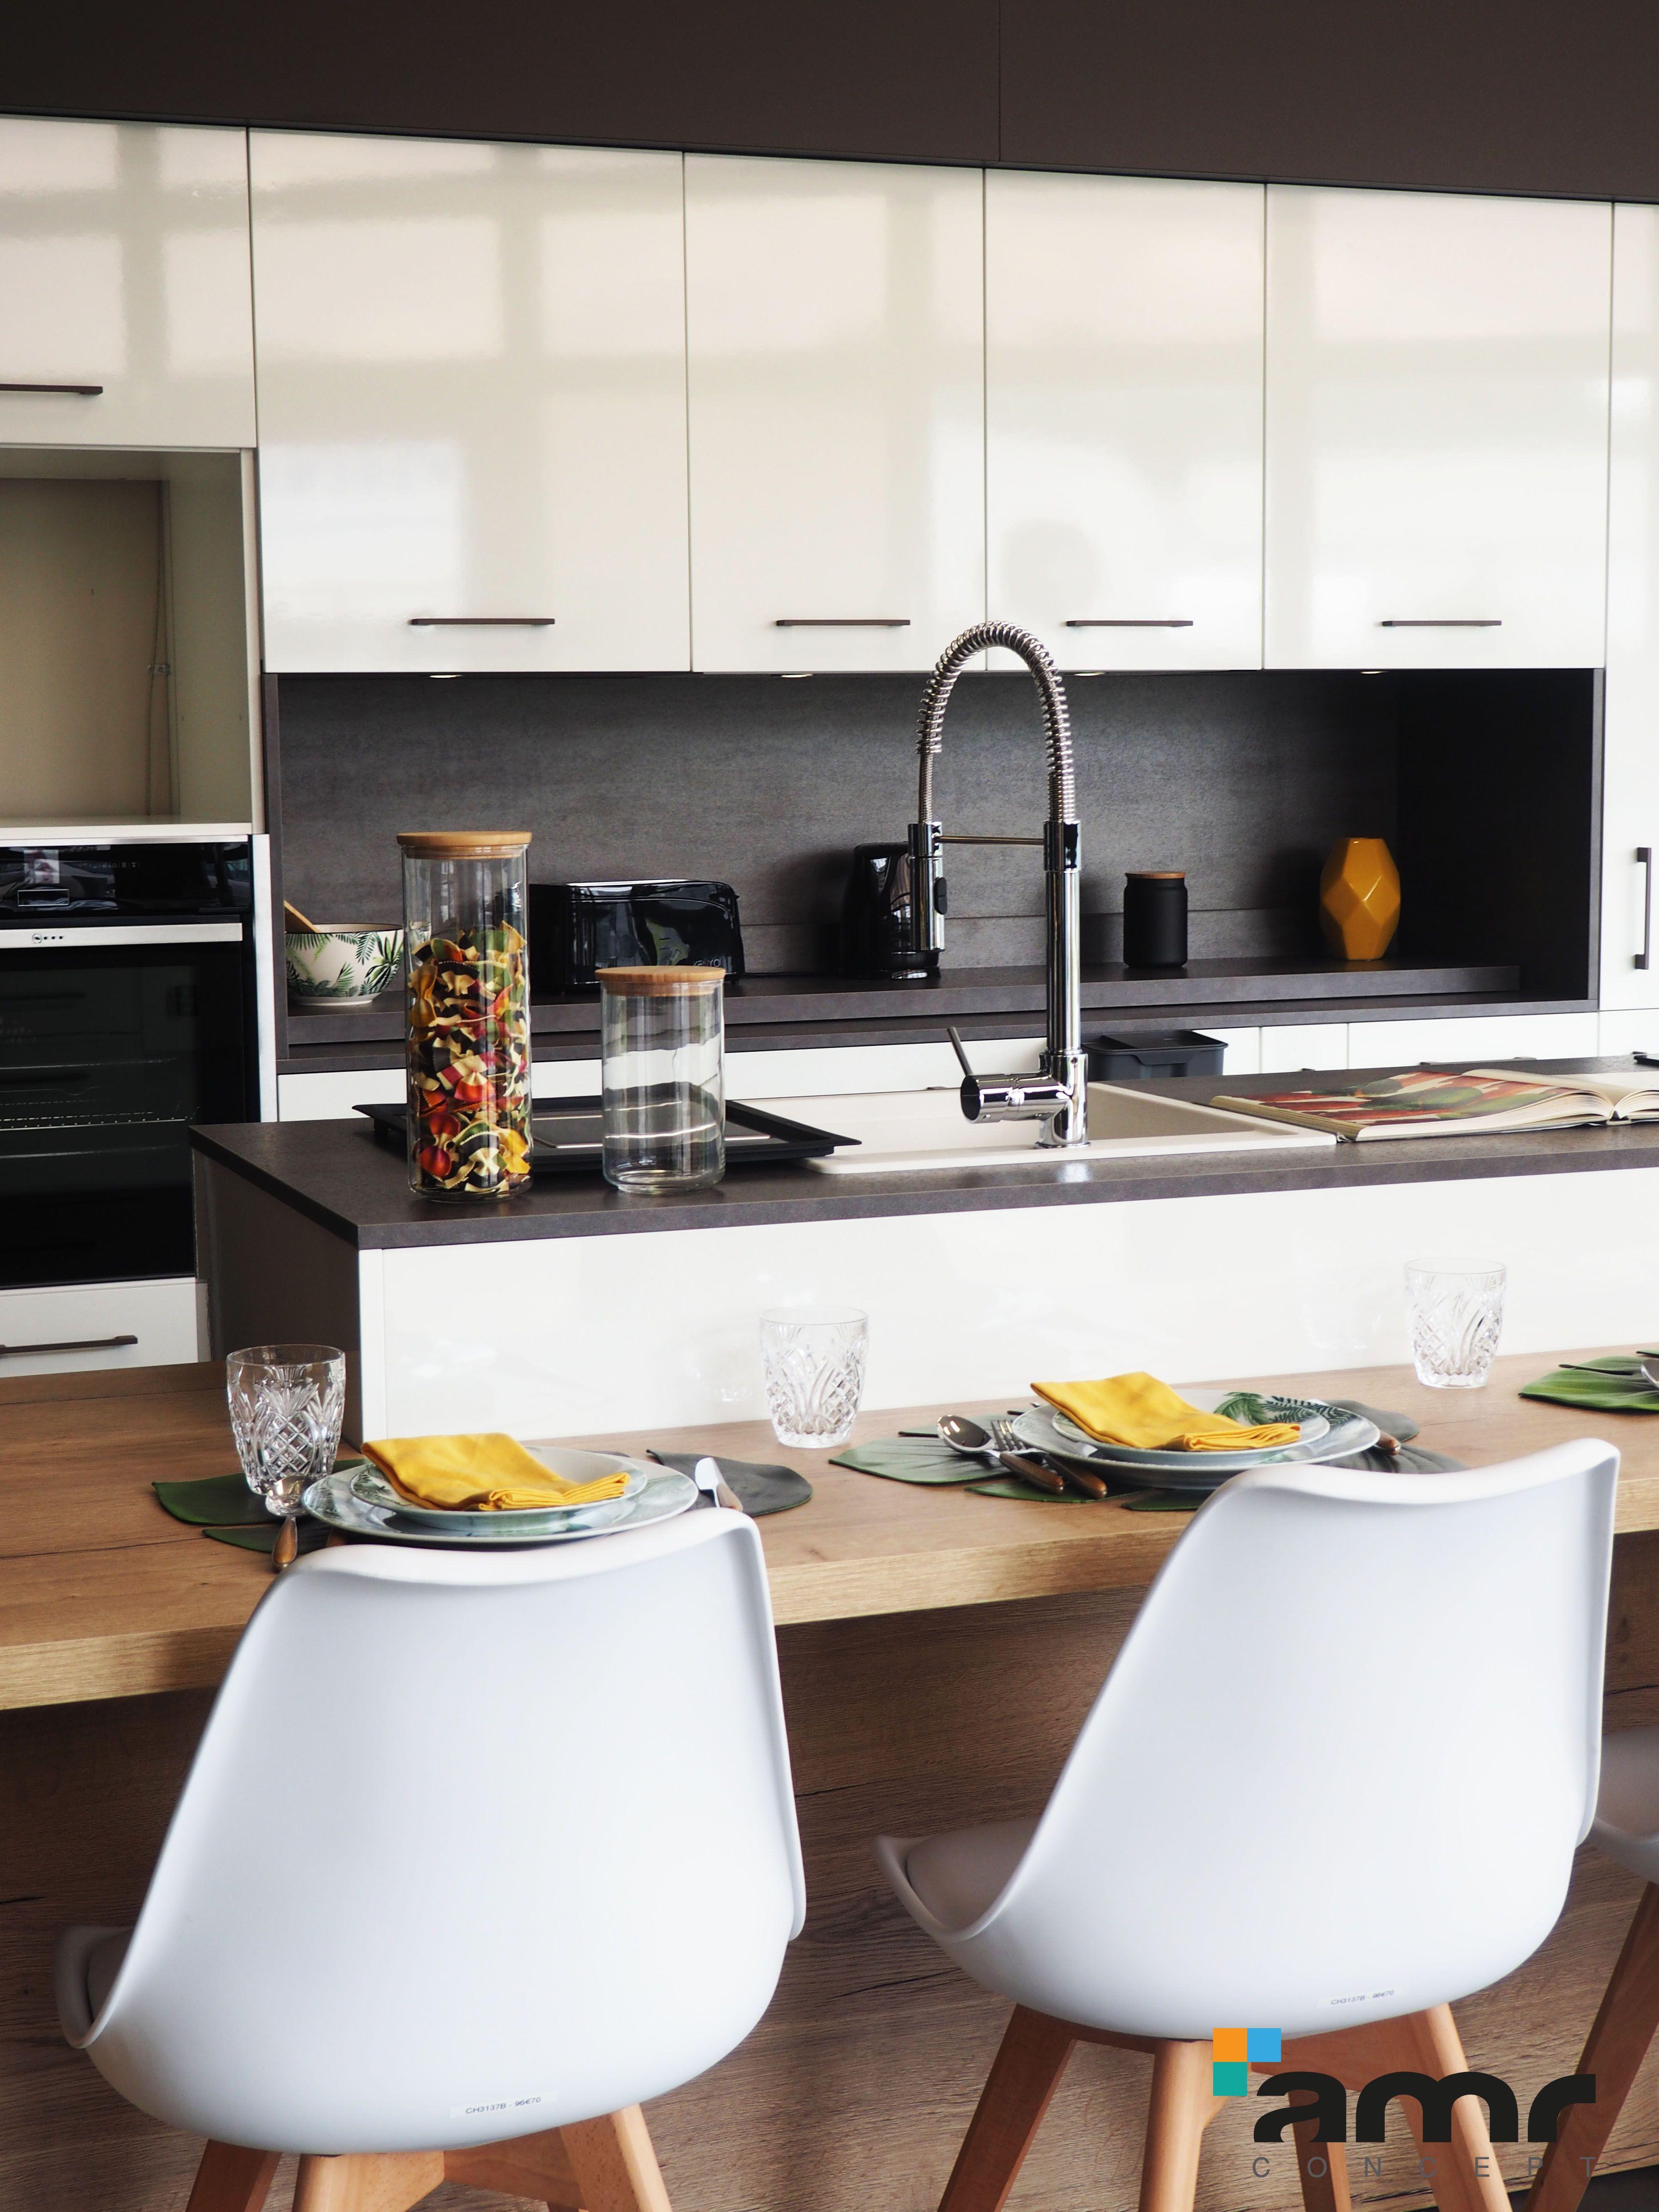 Epingle Par Amr Concept Sur Decoration Decoration Cuisine Personnes A Mobilite Reduite